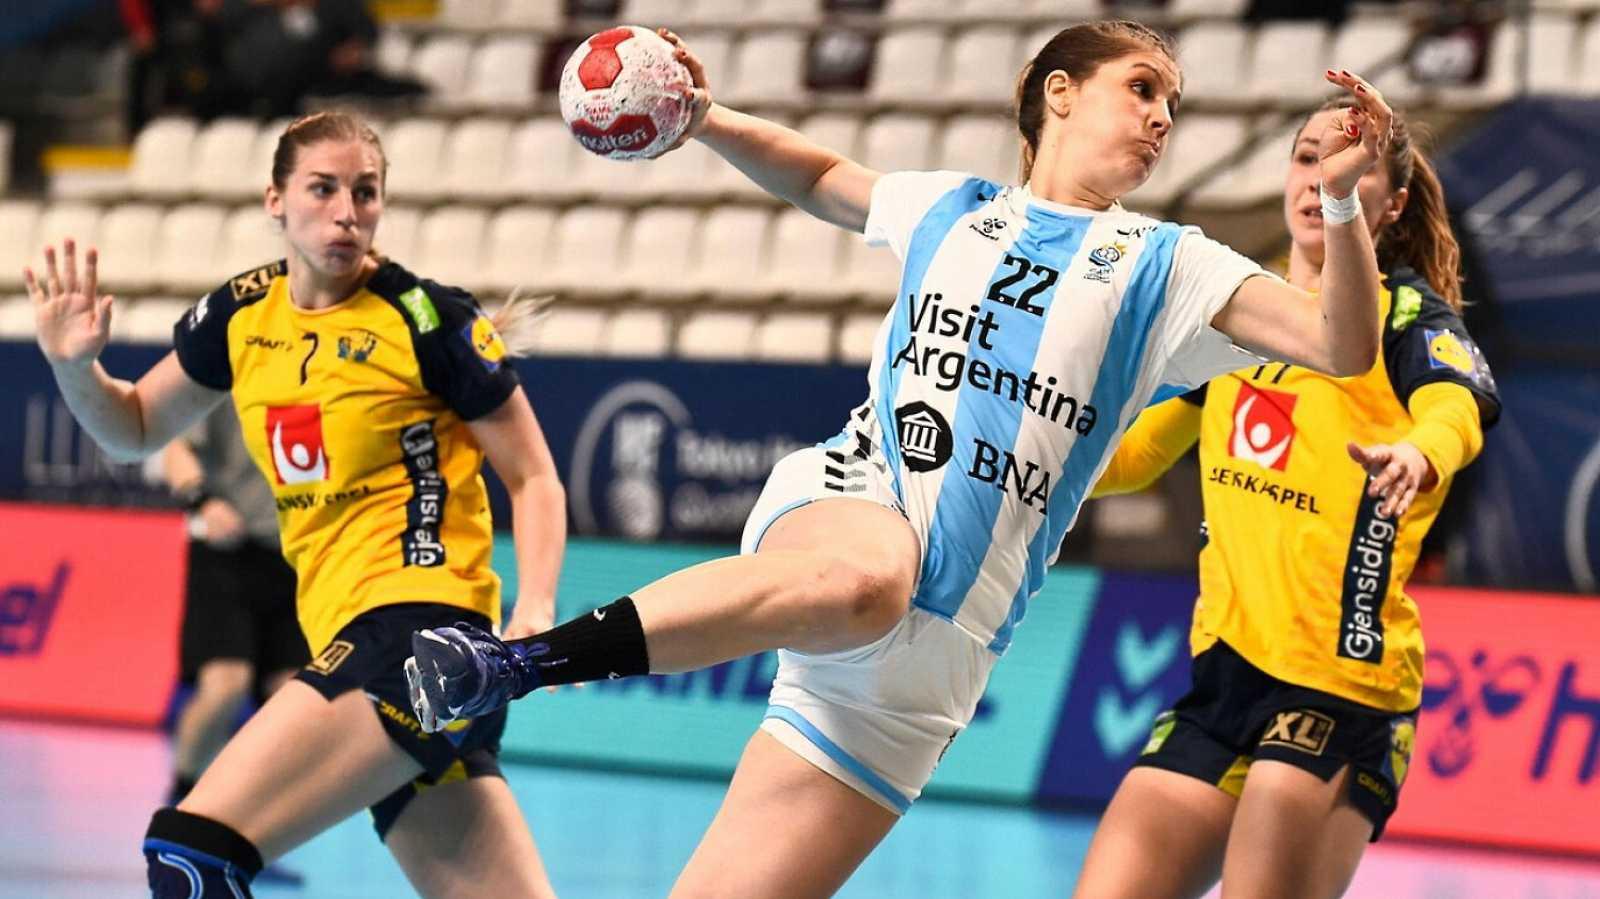 Balonmano - Preolímpico femenino: Argentina - Suecia - ver ahora